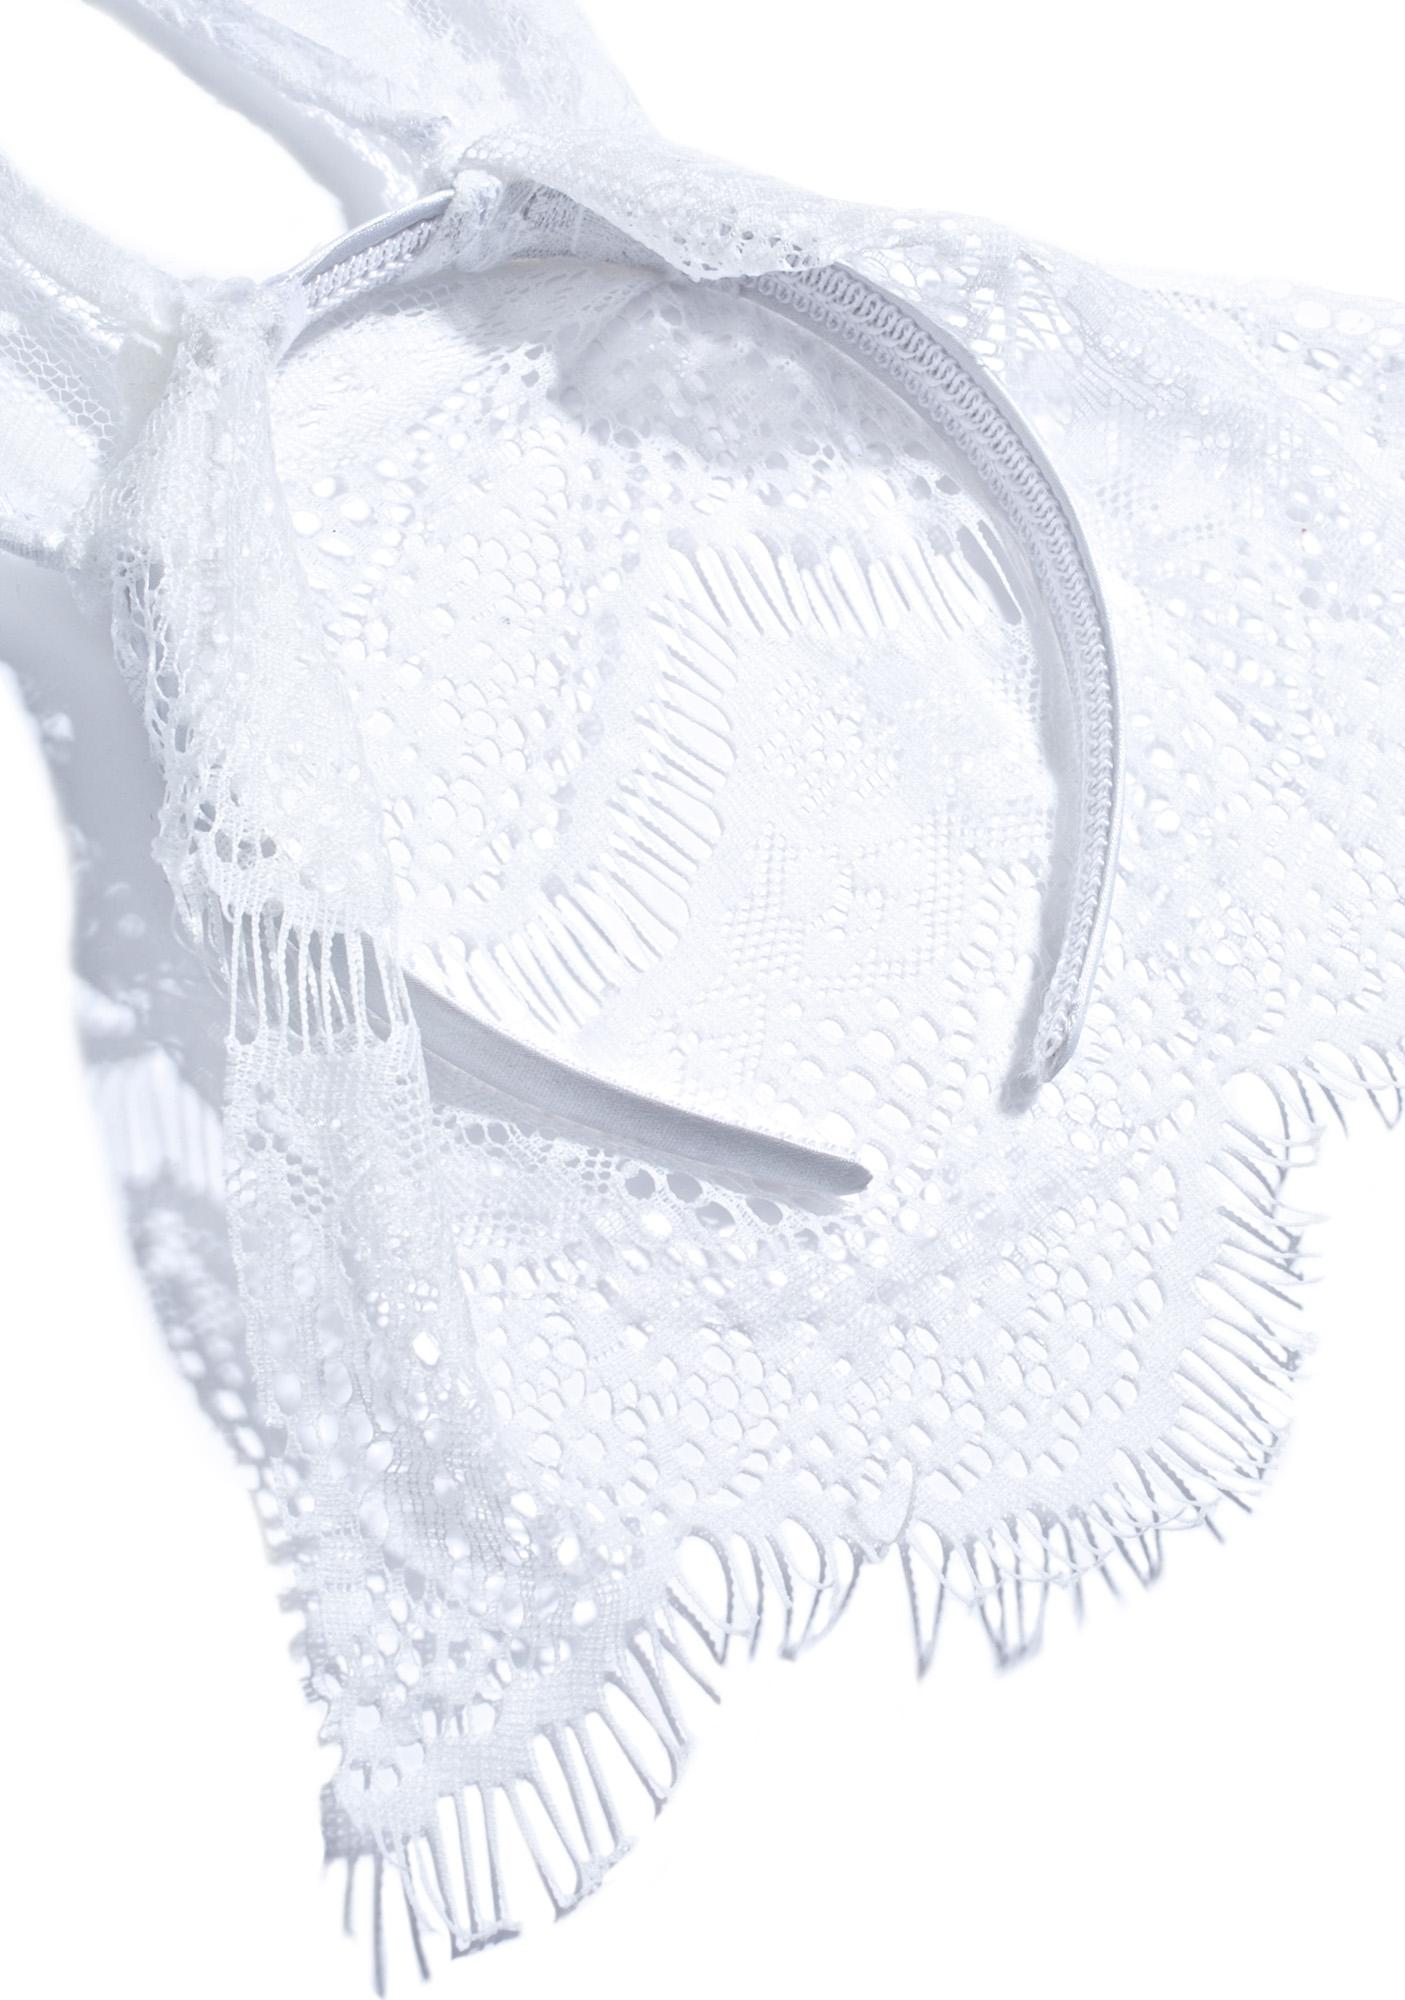 Veiled Snow Bunny Ears